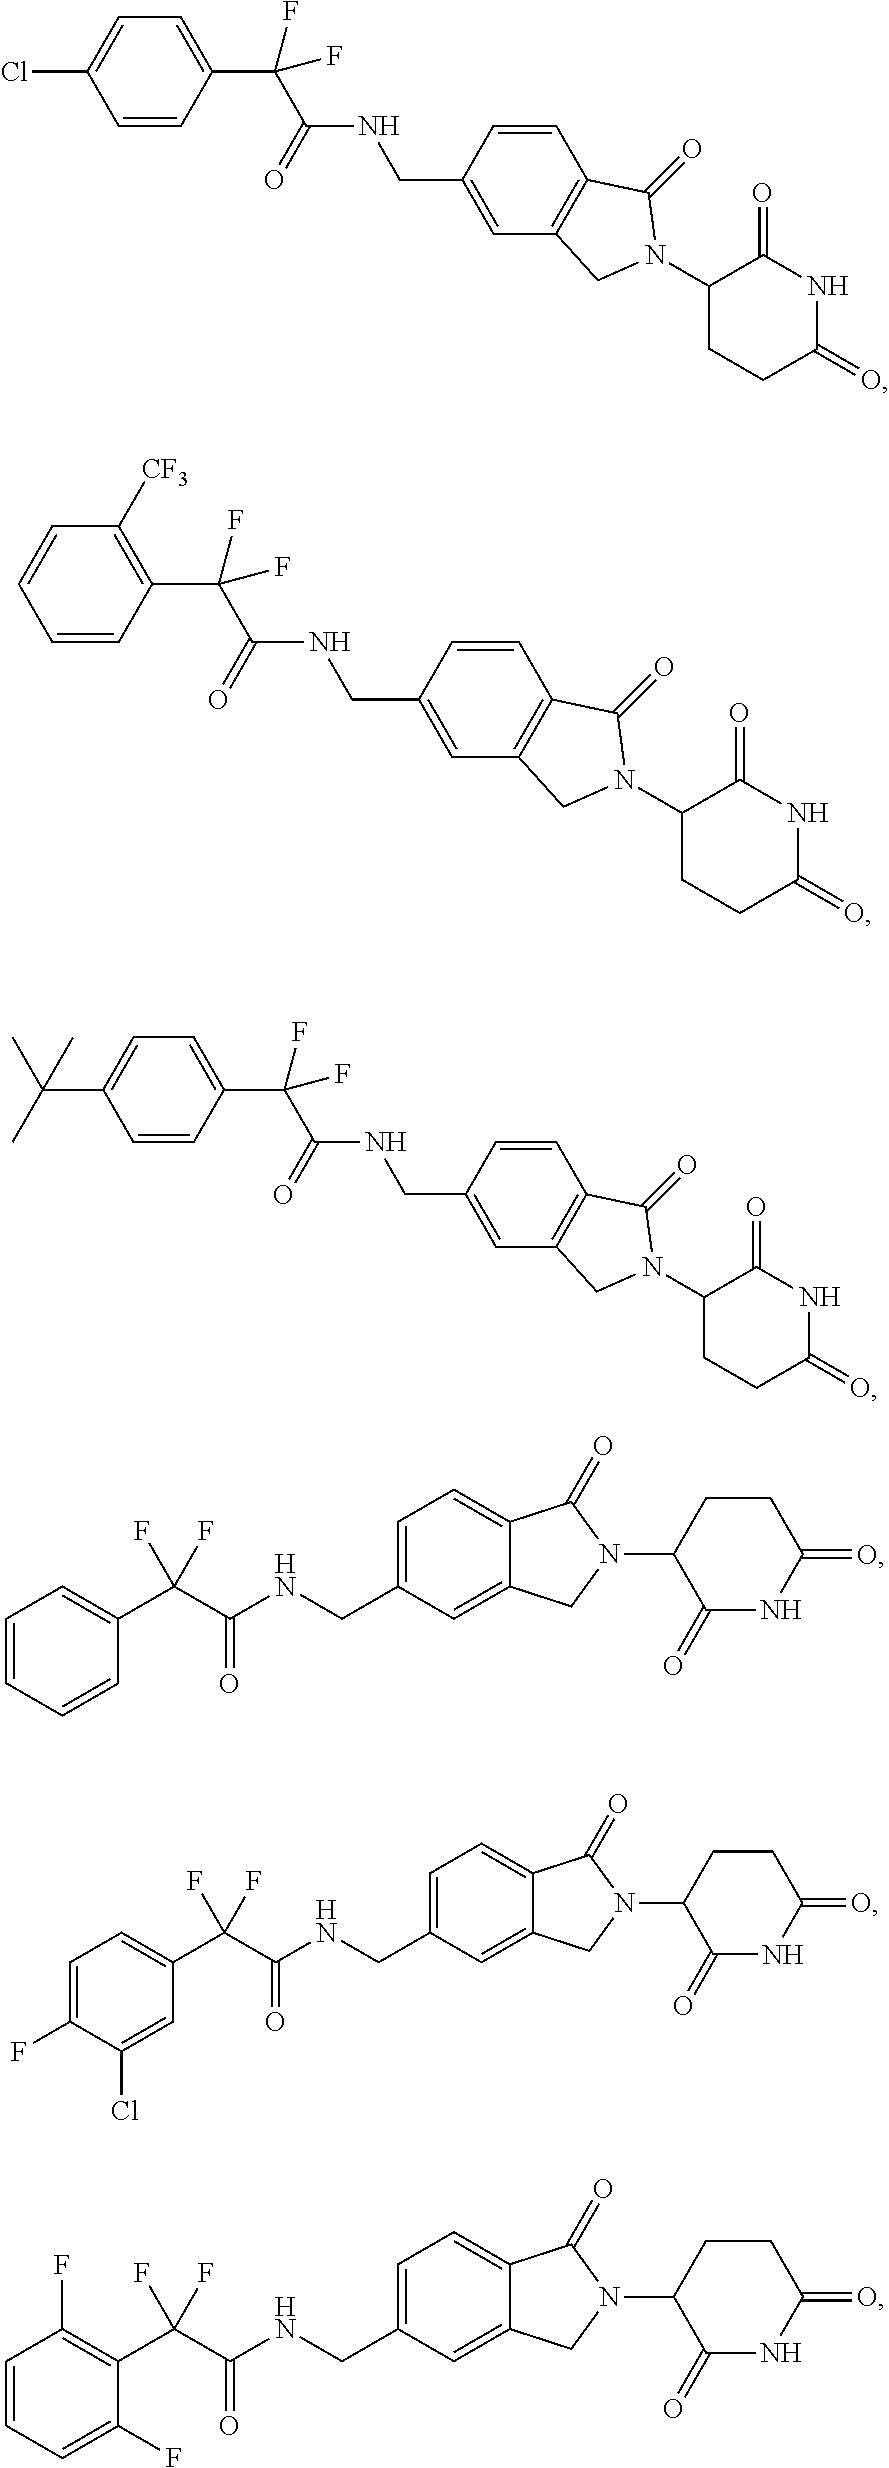 Figure US09968596-20180515-C00012